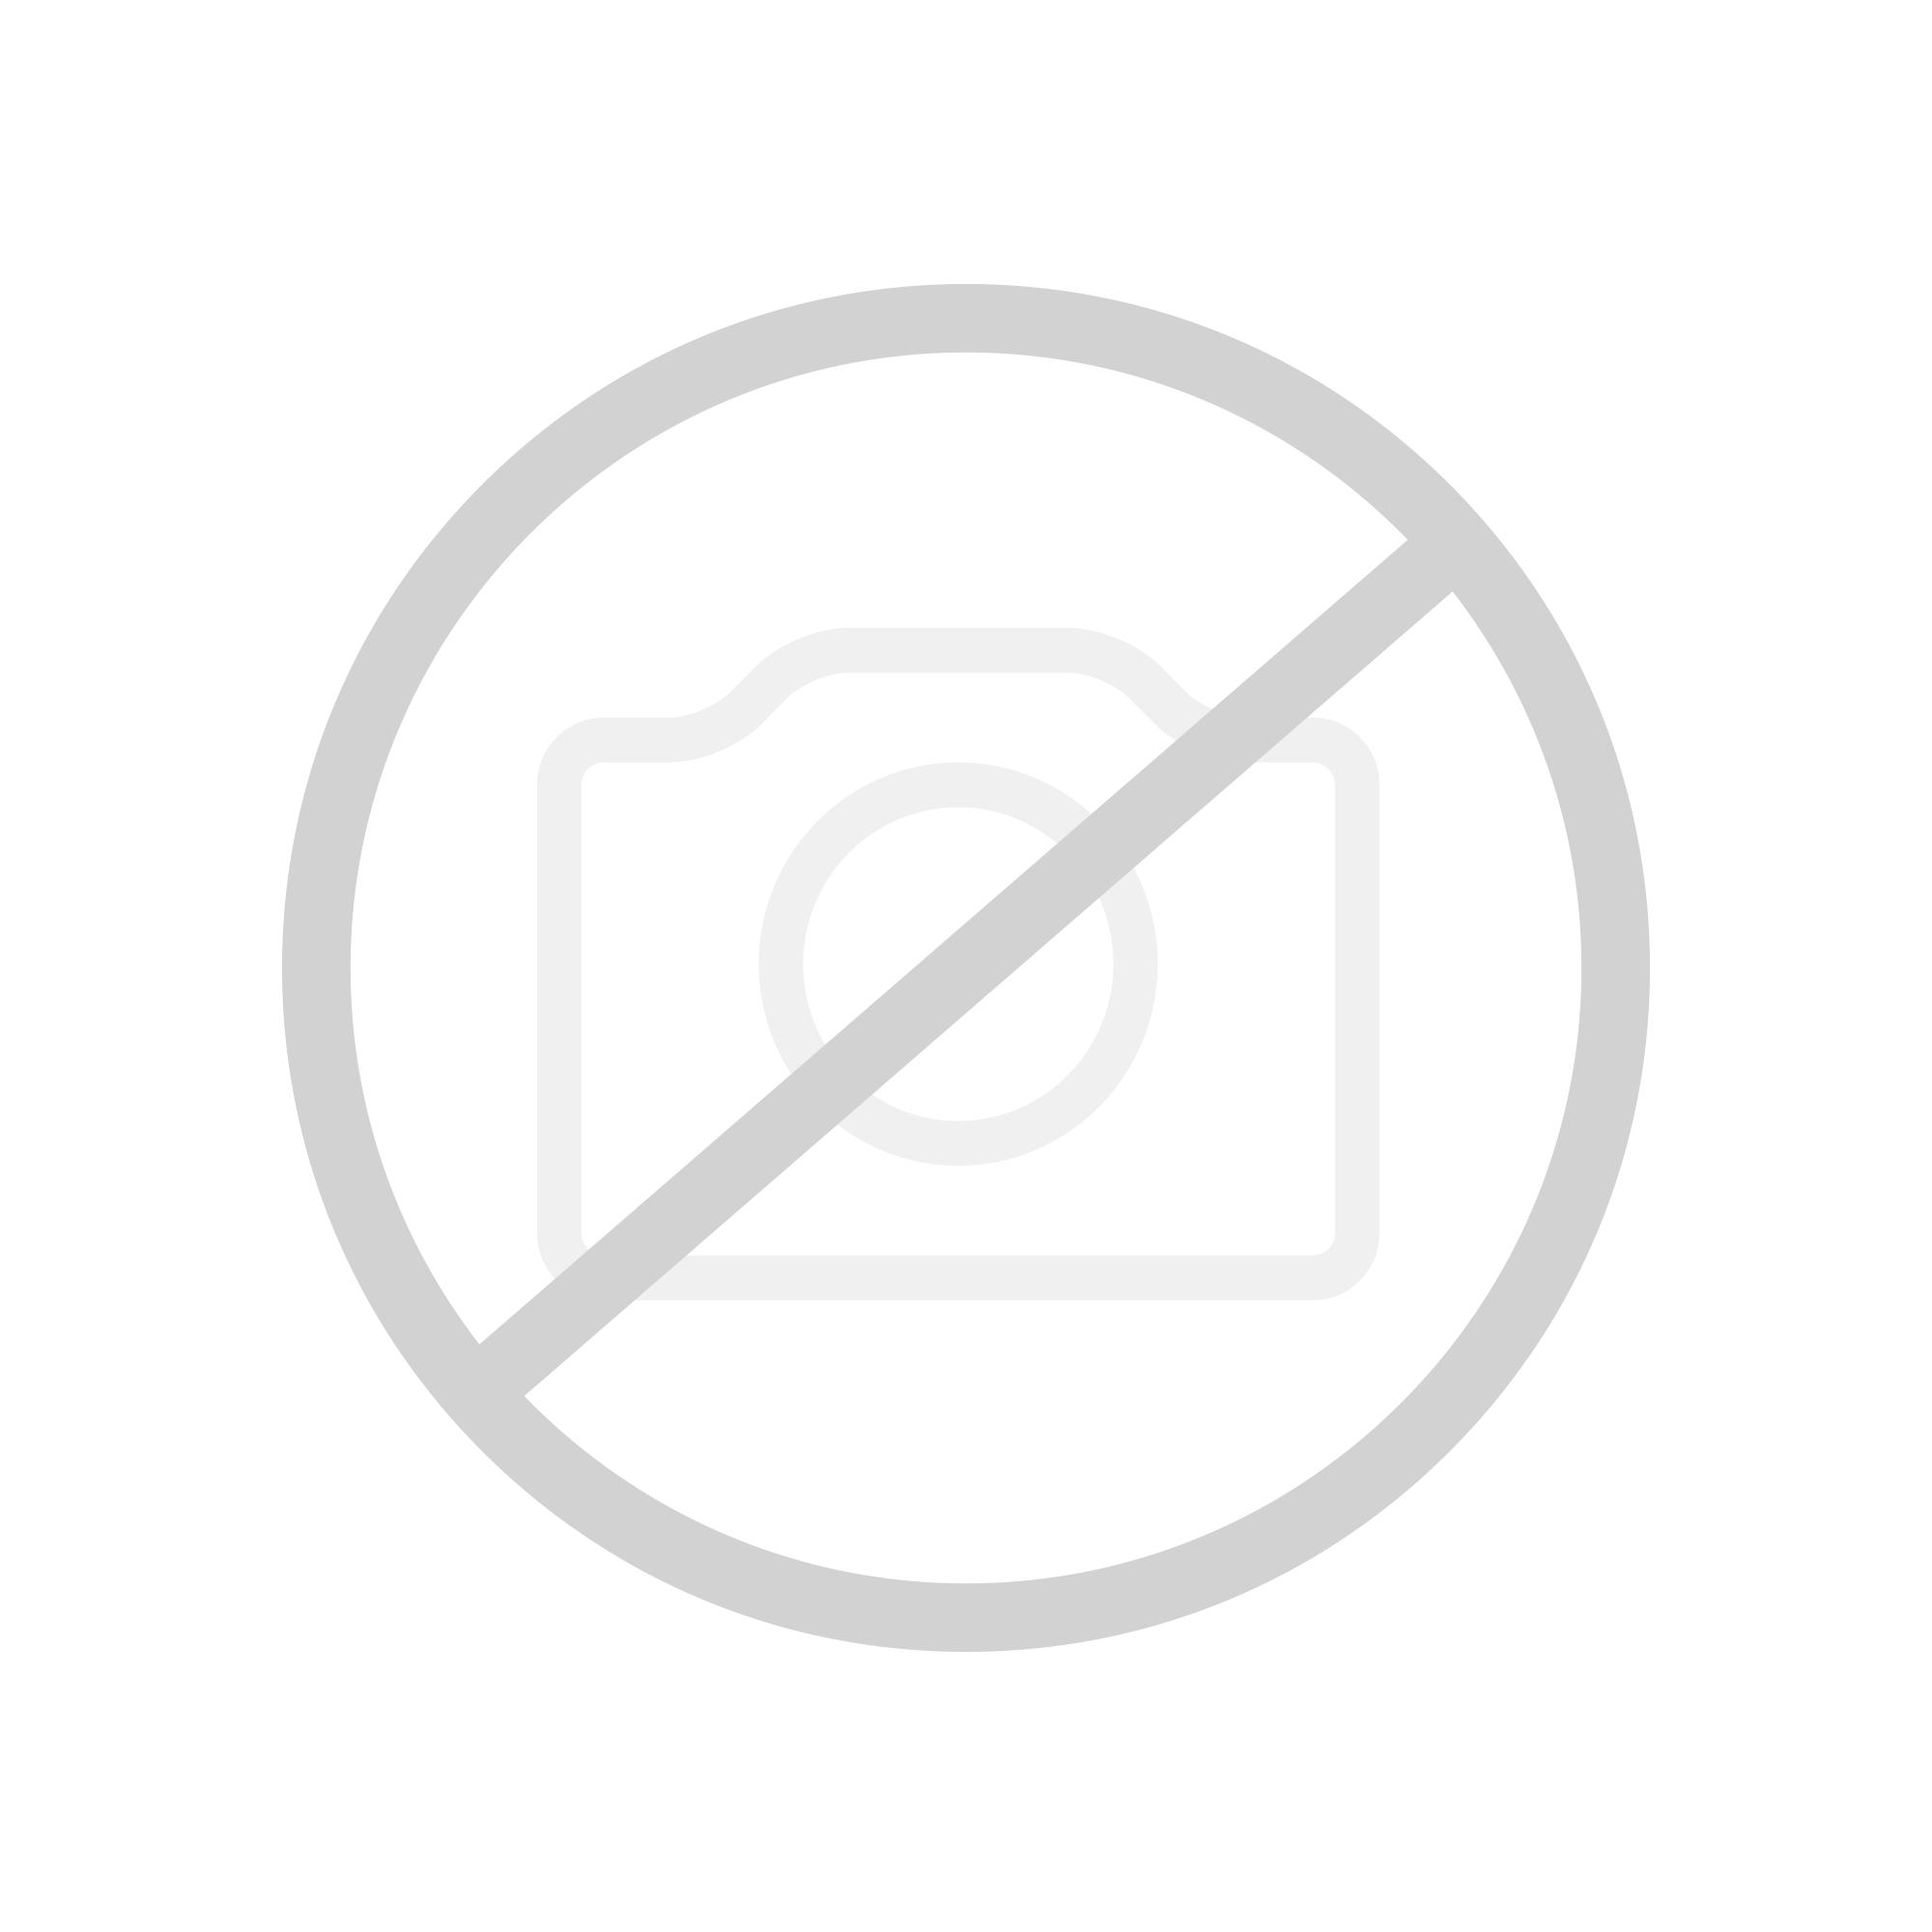 Led Lampen FüR Spiegel &EX36 – Startupjobsfa